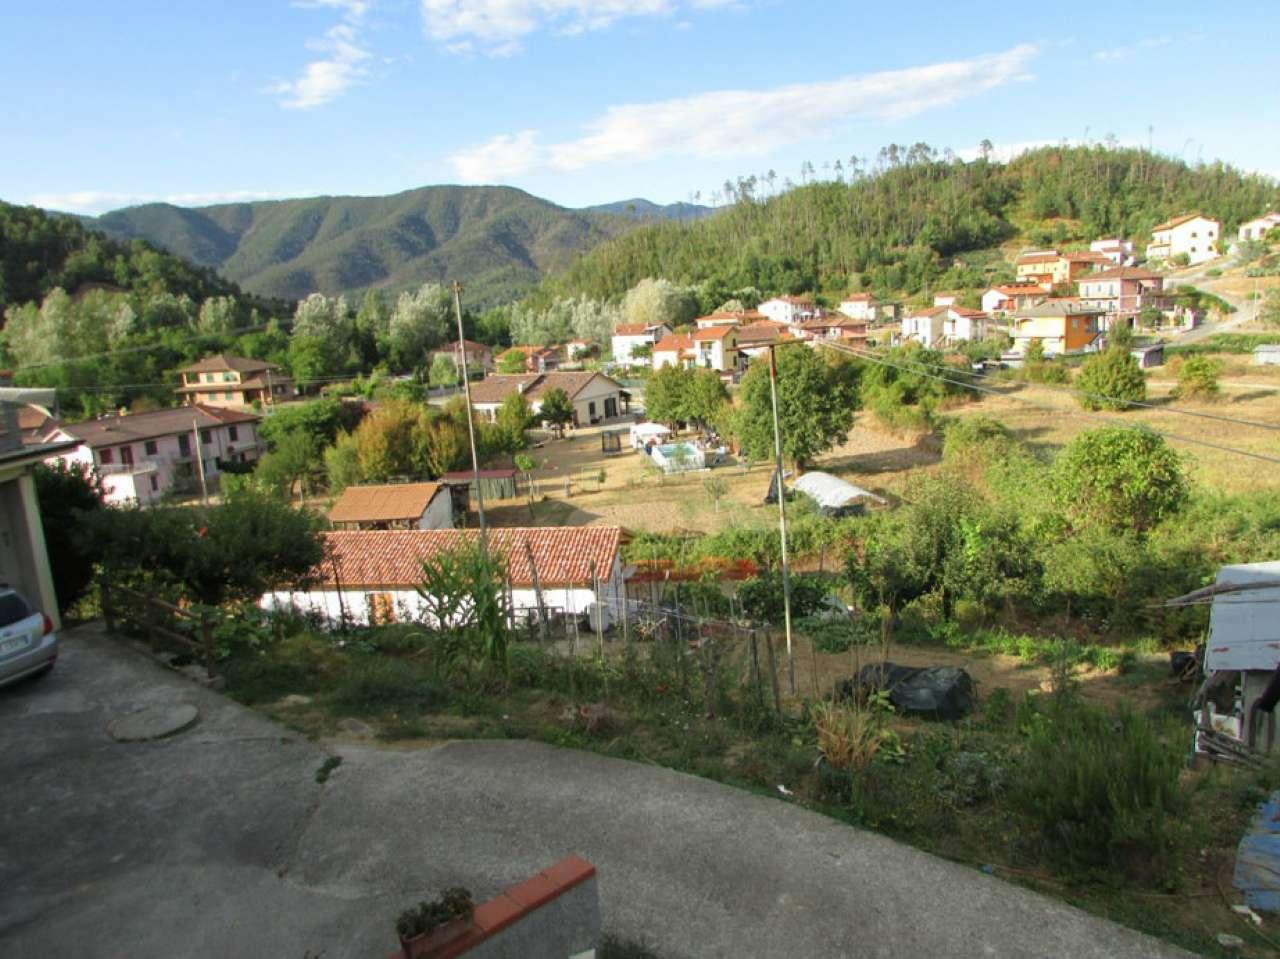 Soluzione Semindipendente in vendita a Beverino, 8 locali, prezzo € 220.000 | CambioCasa.it